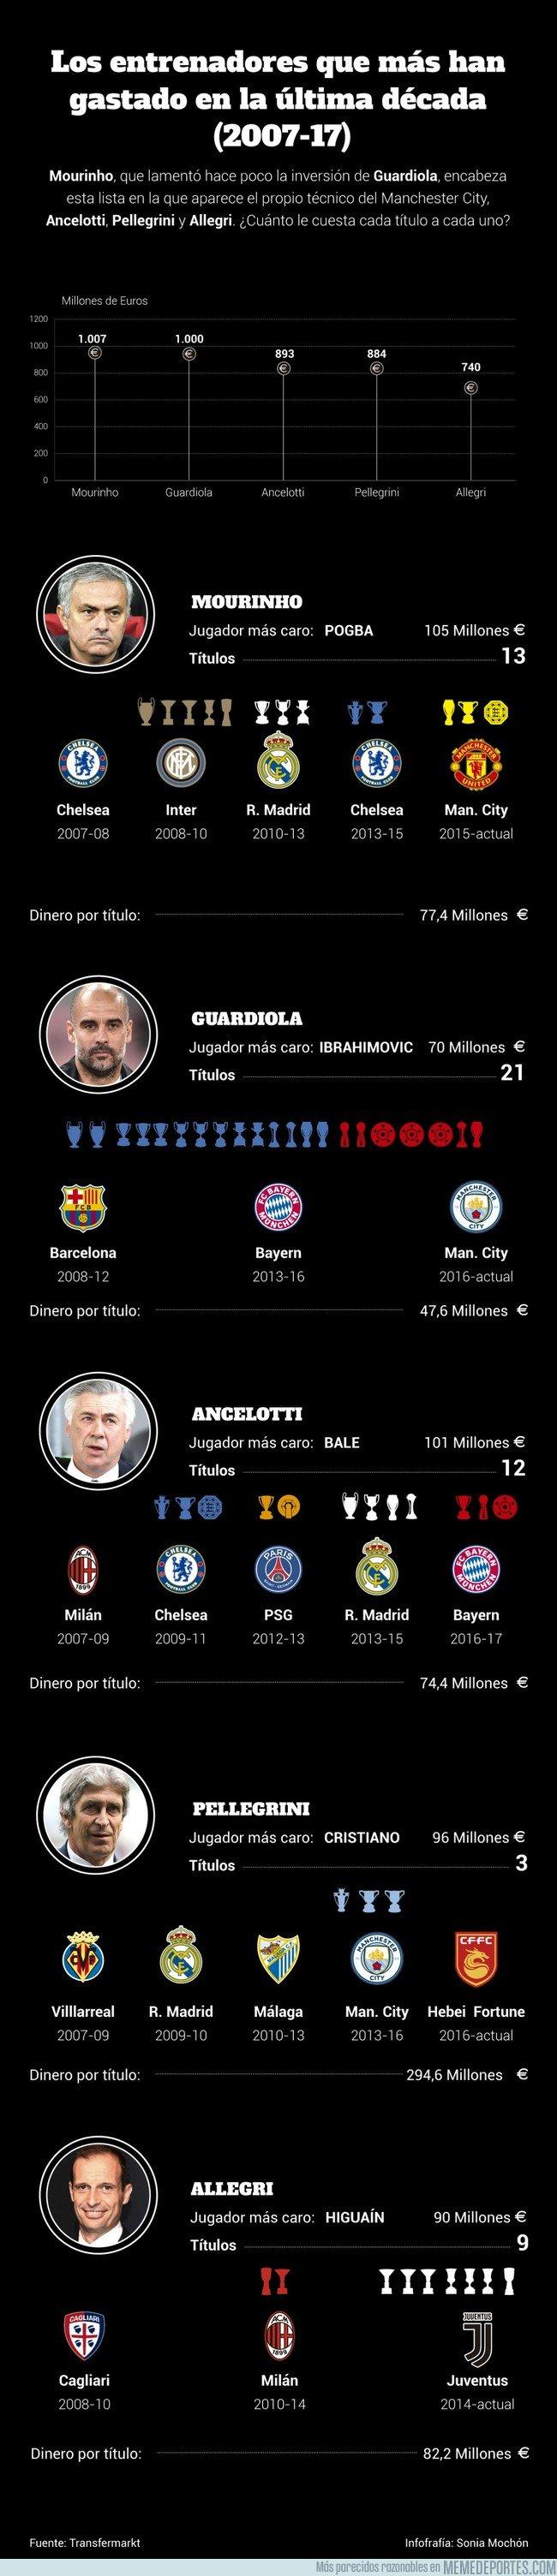 1015930 - Gráfico: ¿cuánto le cuesta cada título a Mourinho o Guardiola?